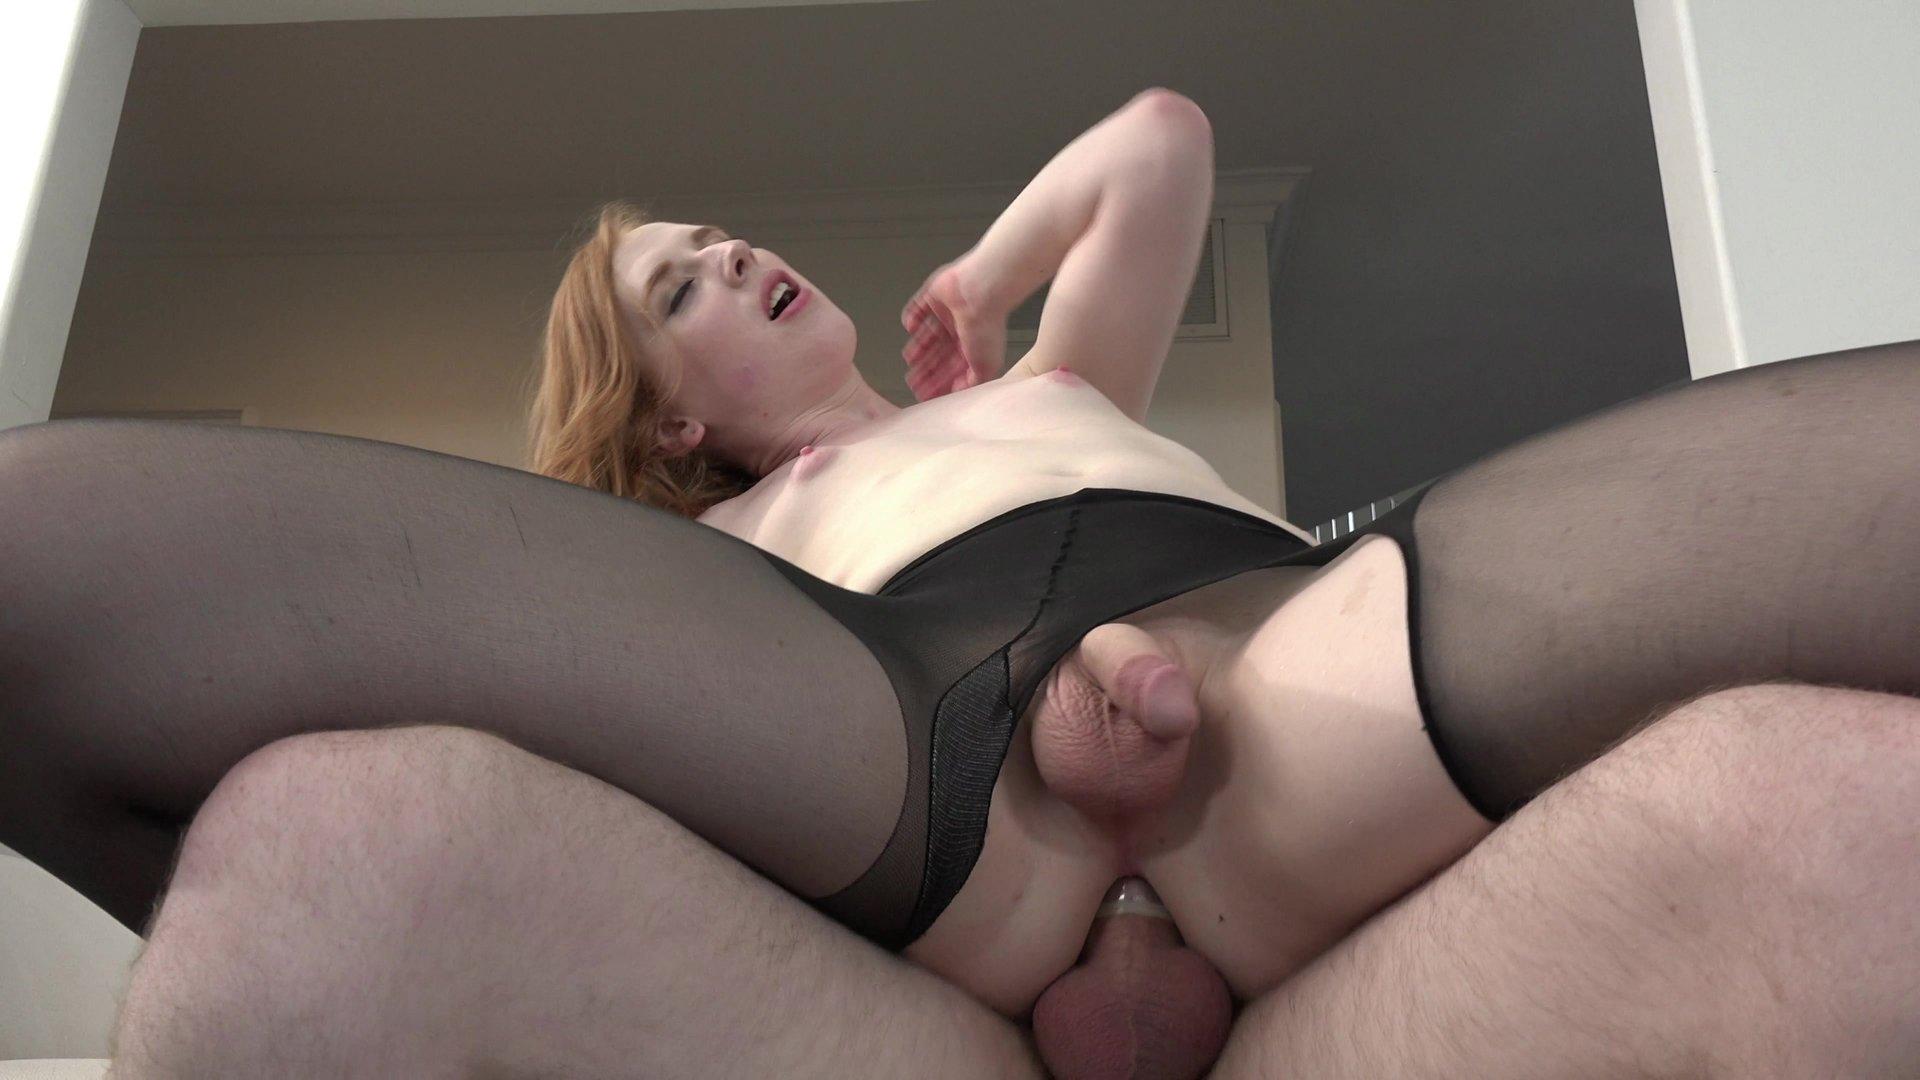 pantyhose-sex-ride-triple-h-nudo